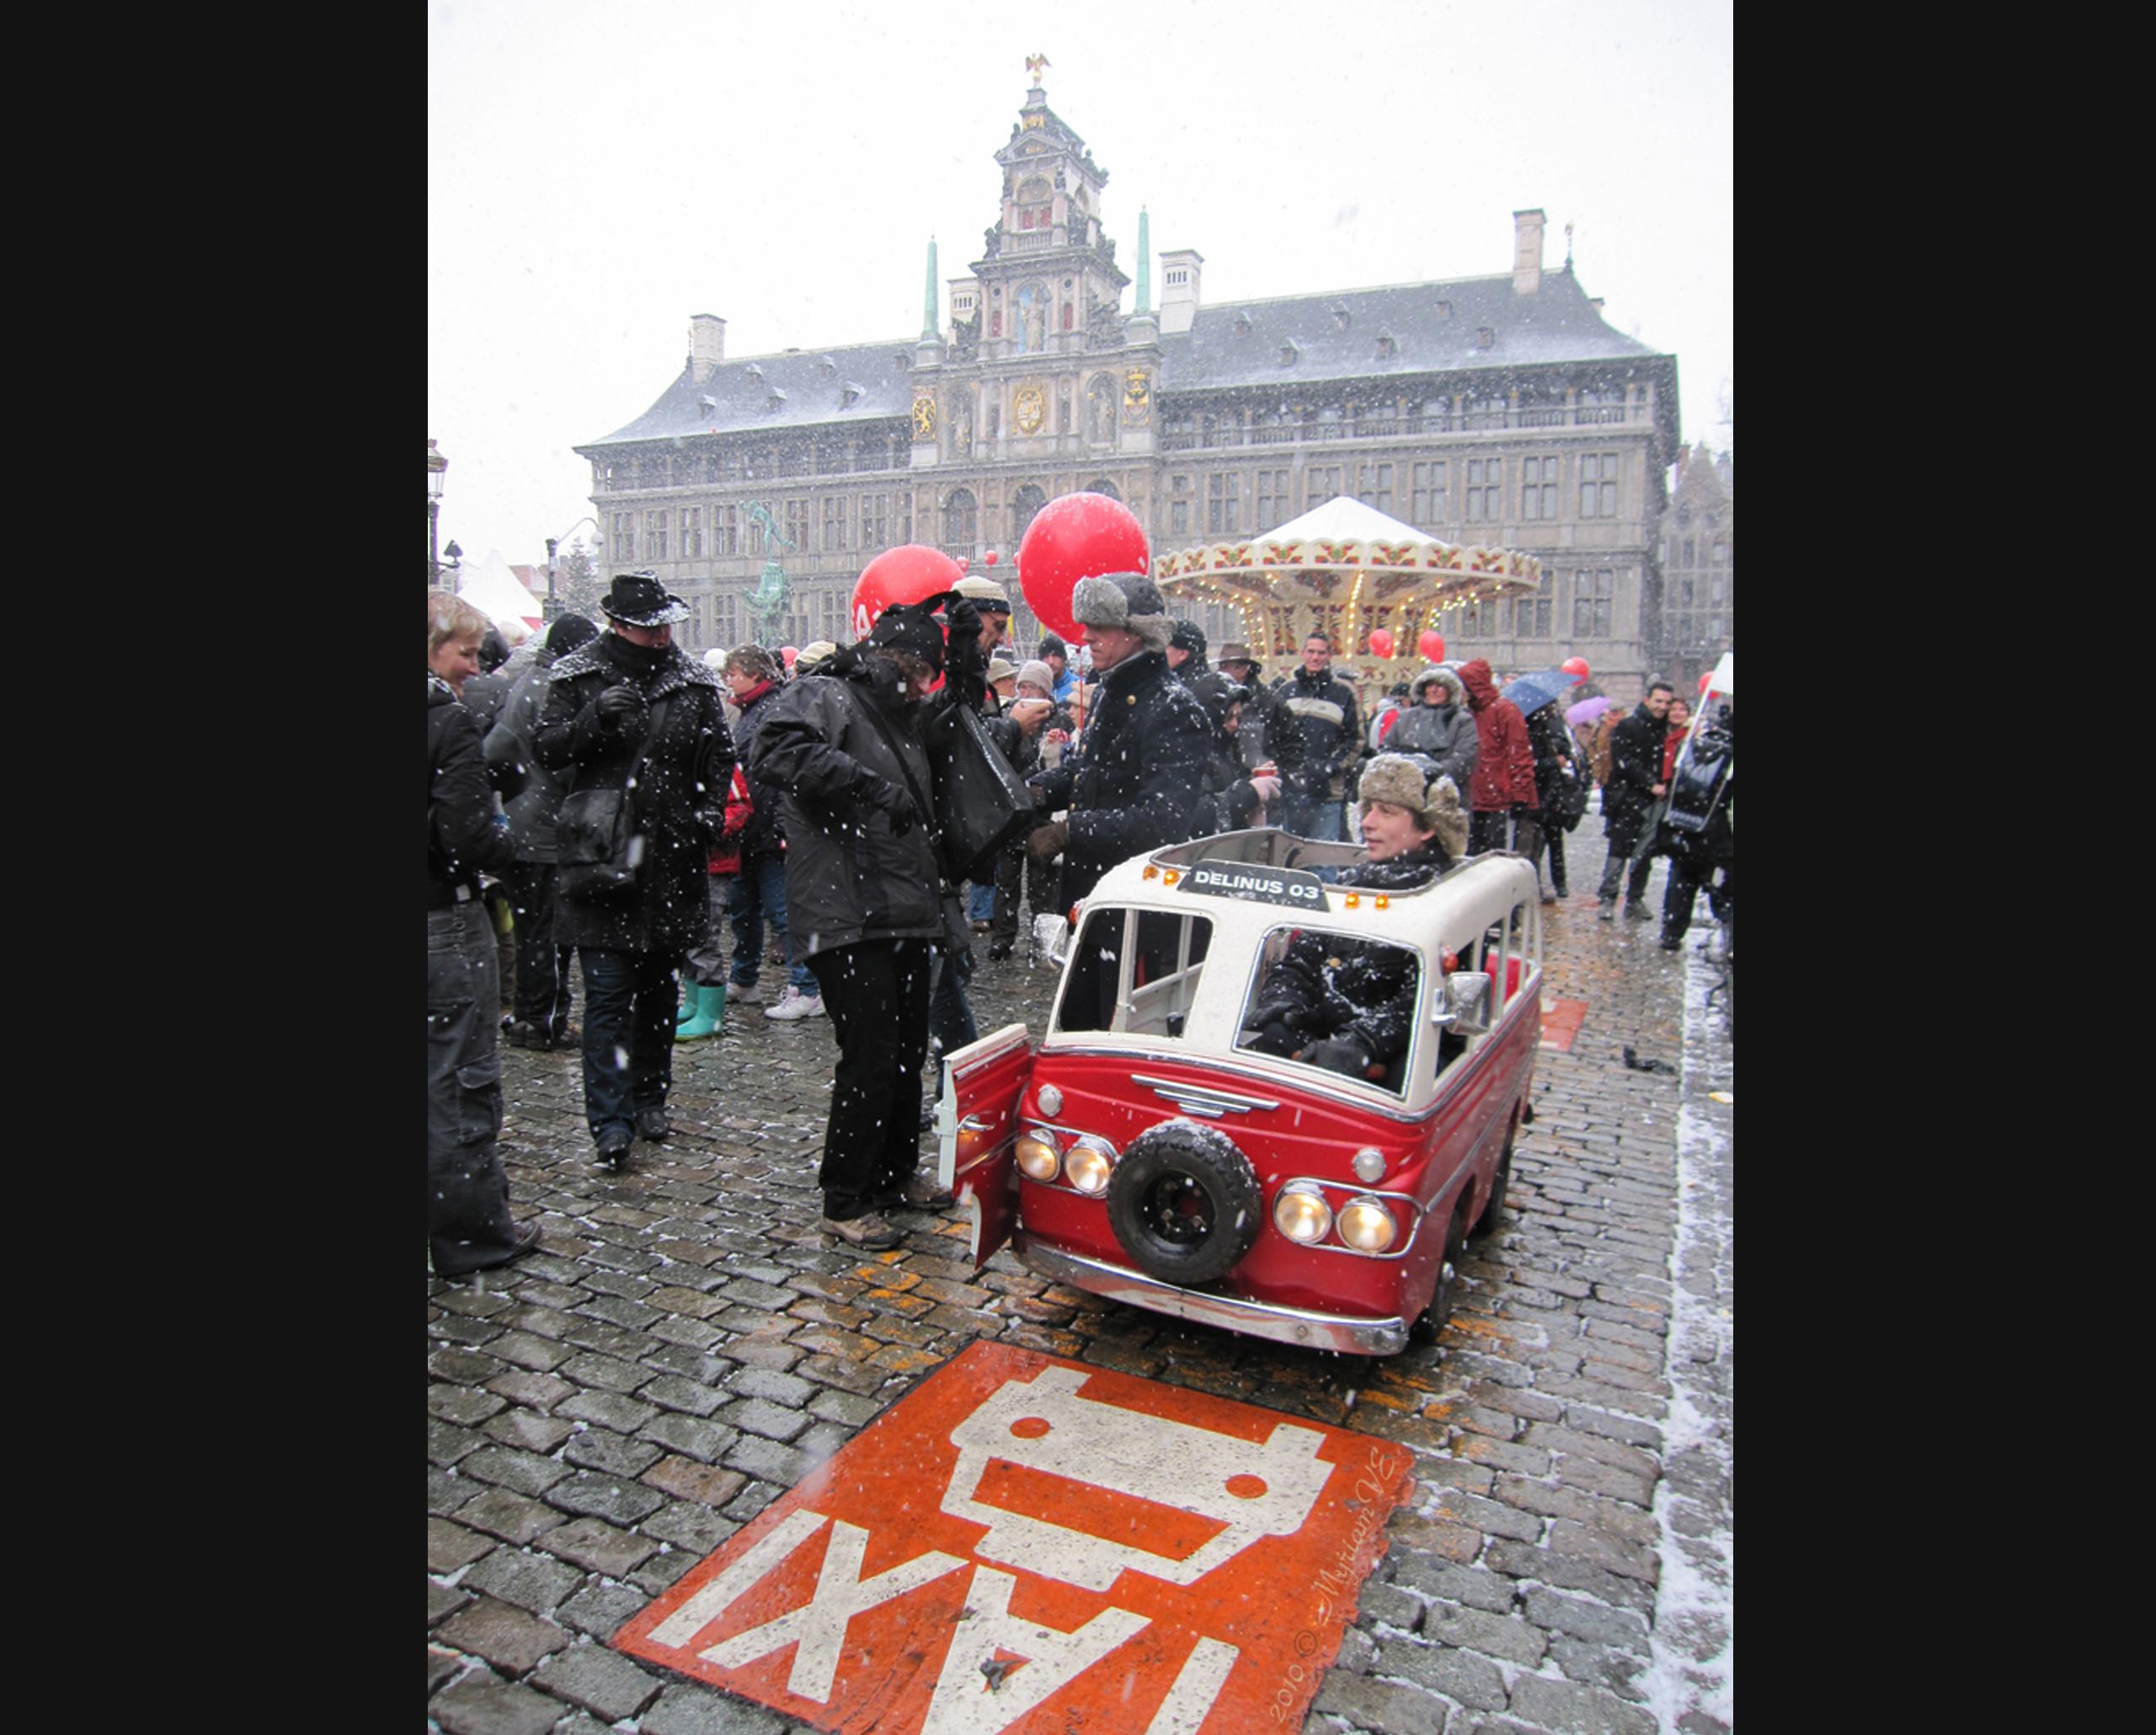 Delinus-03, Nieuwjaarsdrink/ Antwerpen